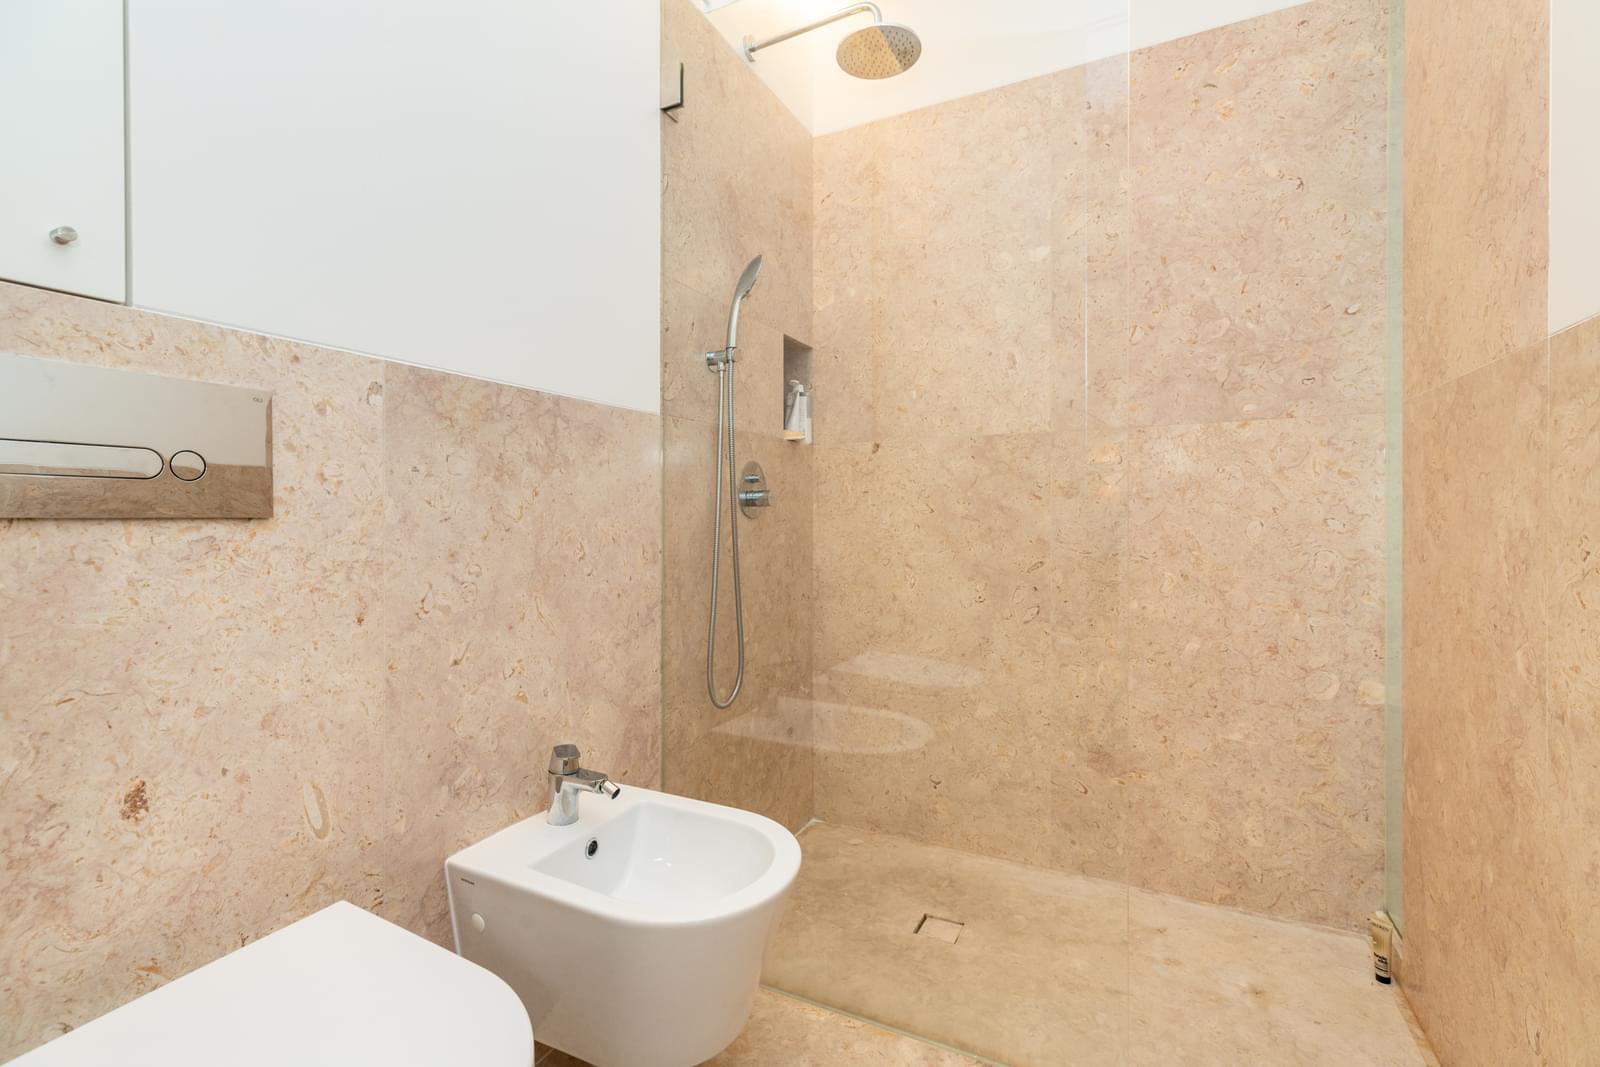 pf19126-apartamento-t2-lisboa-476528cd-763f-4f7f-b583-926b2919d0bf